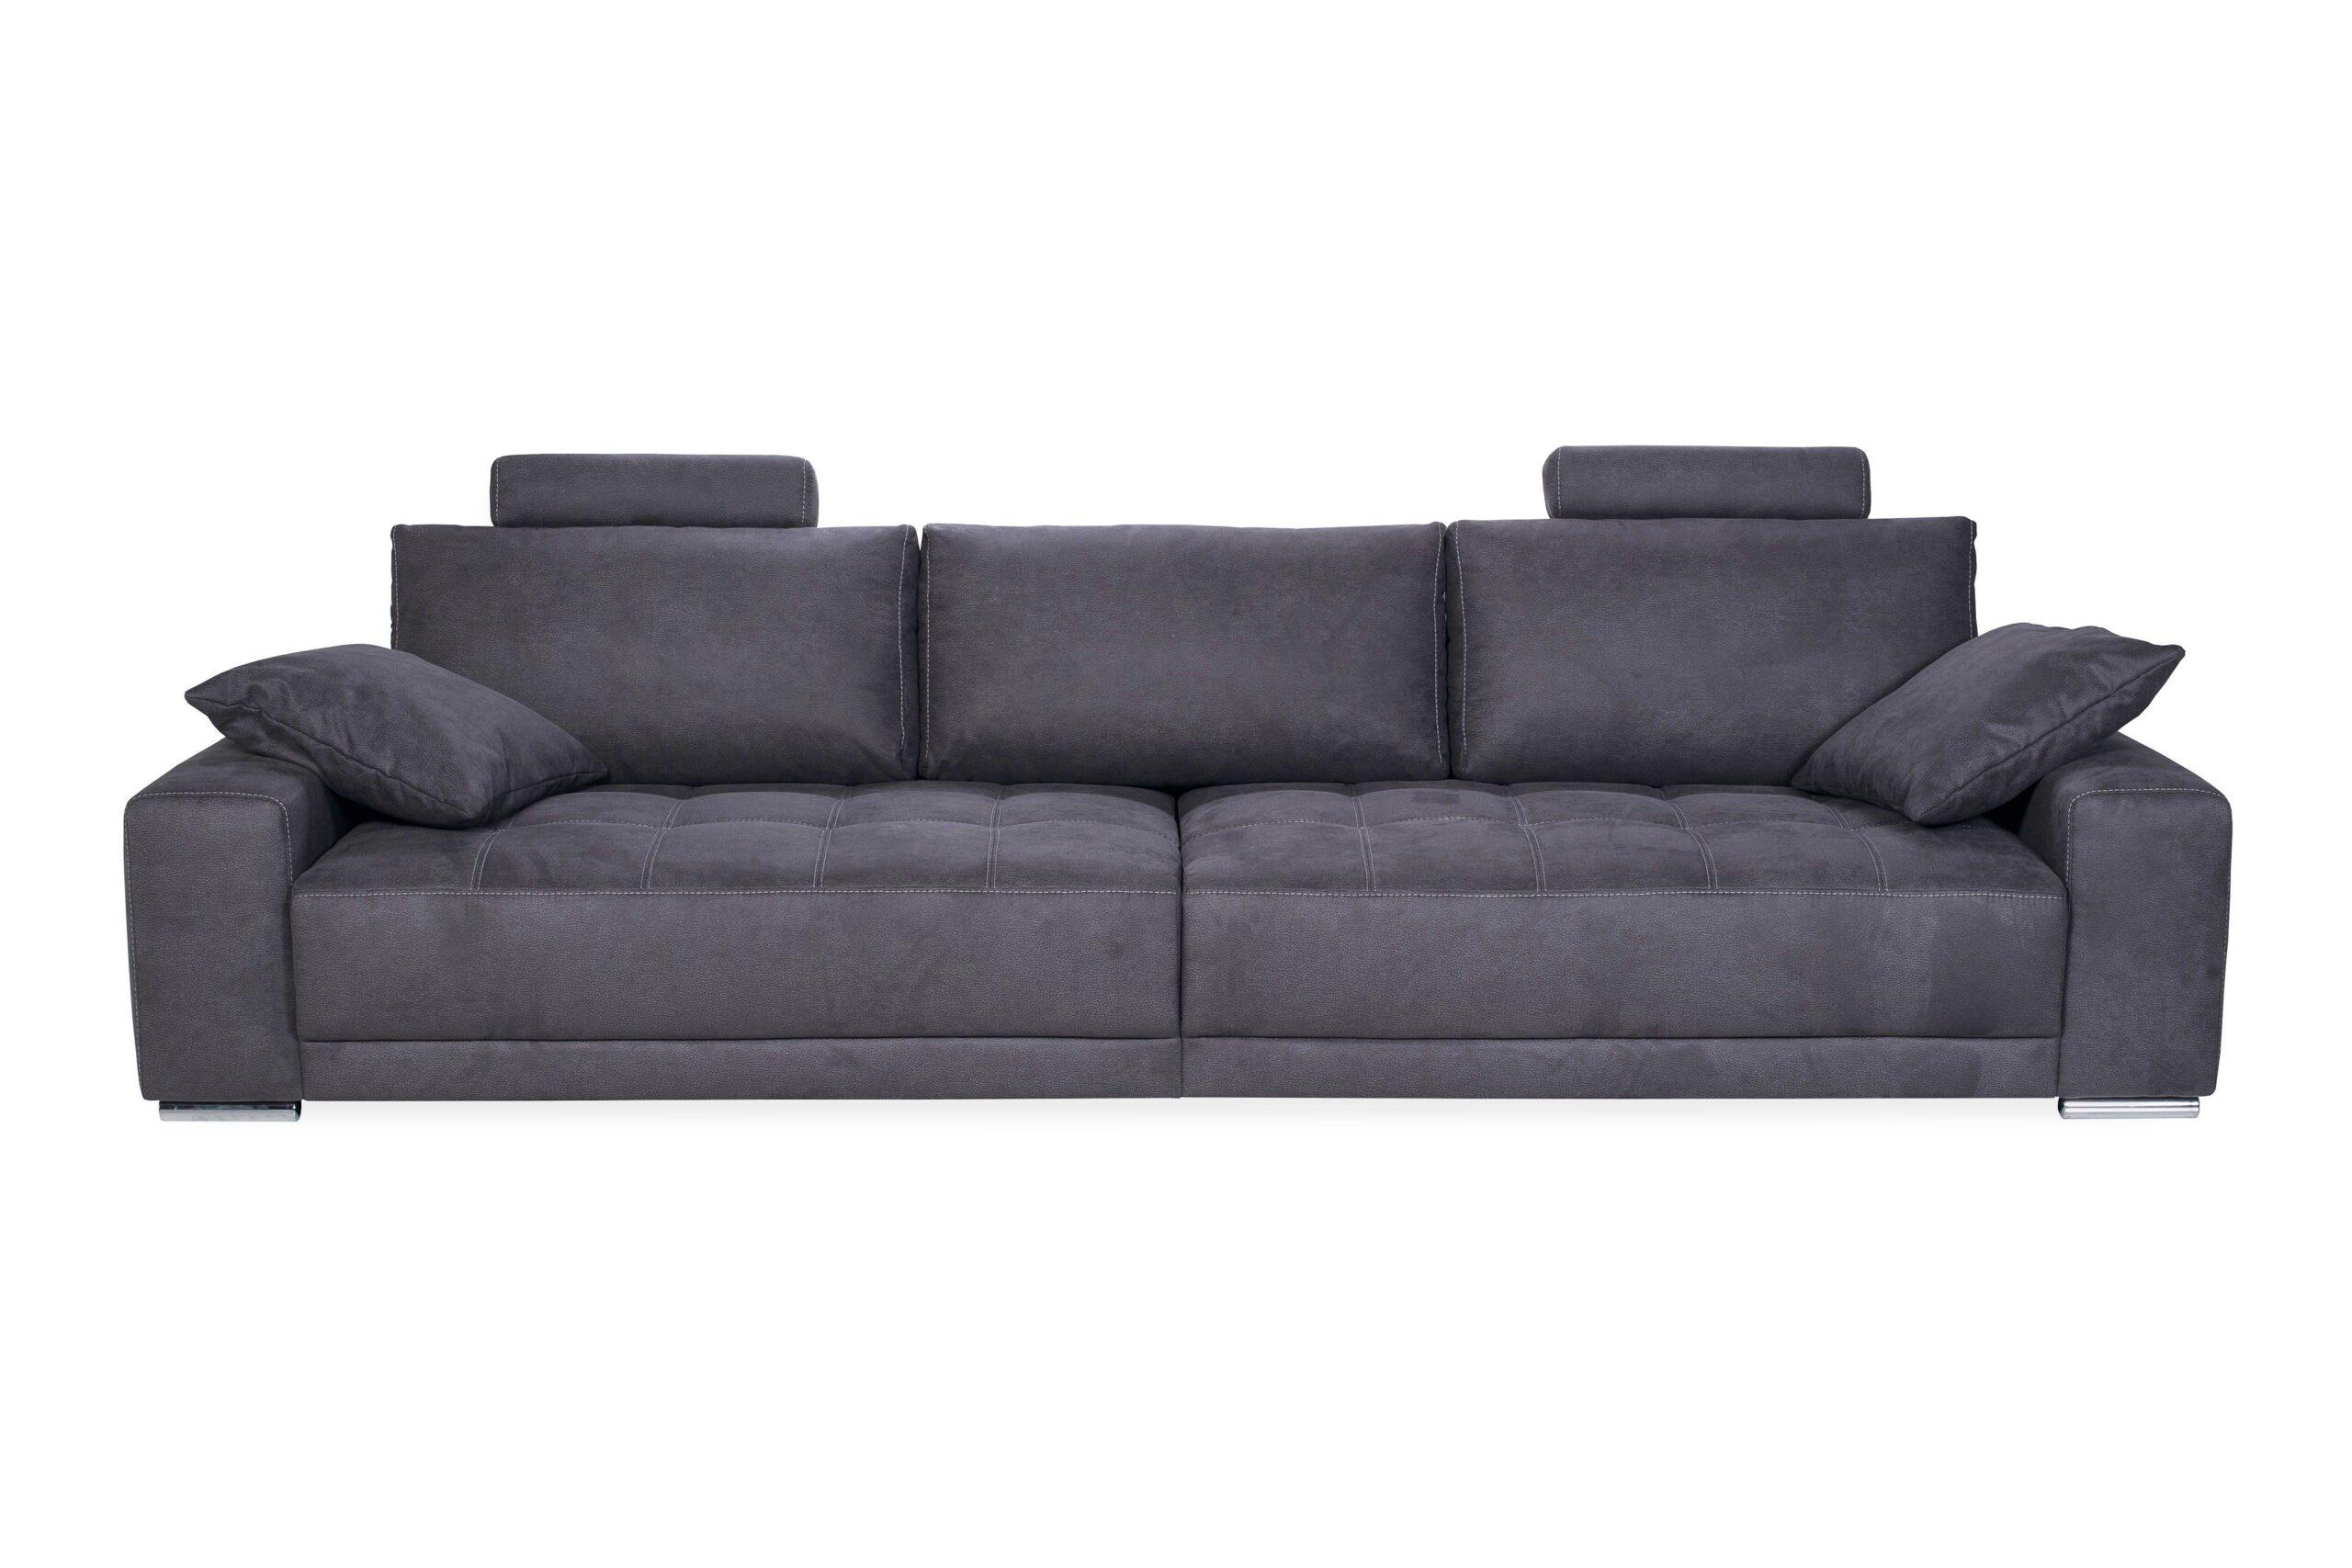 Full Size of Megasofa Aruba Ii Divano 2 Nova Via Crowe Big Sofa In Grau Mbel Letz Ihr Online Shop Wohnzimmer Megasofa Aruba